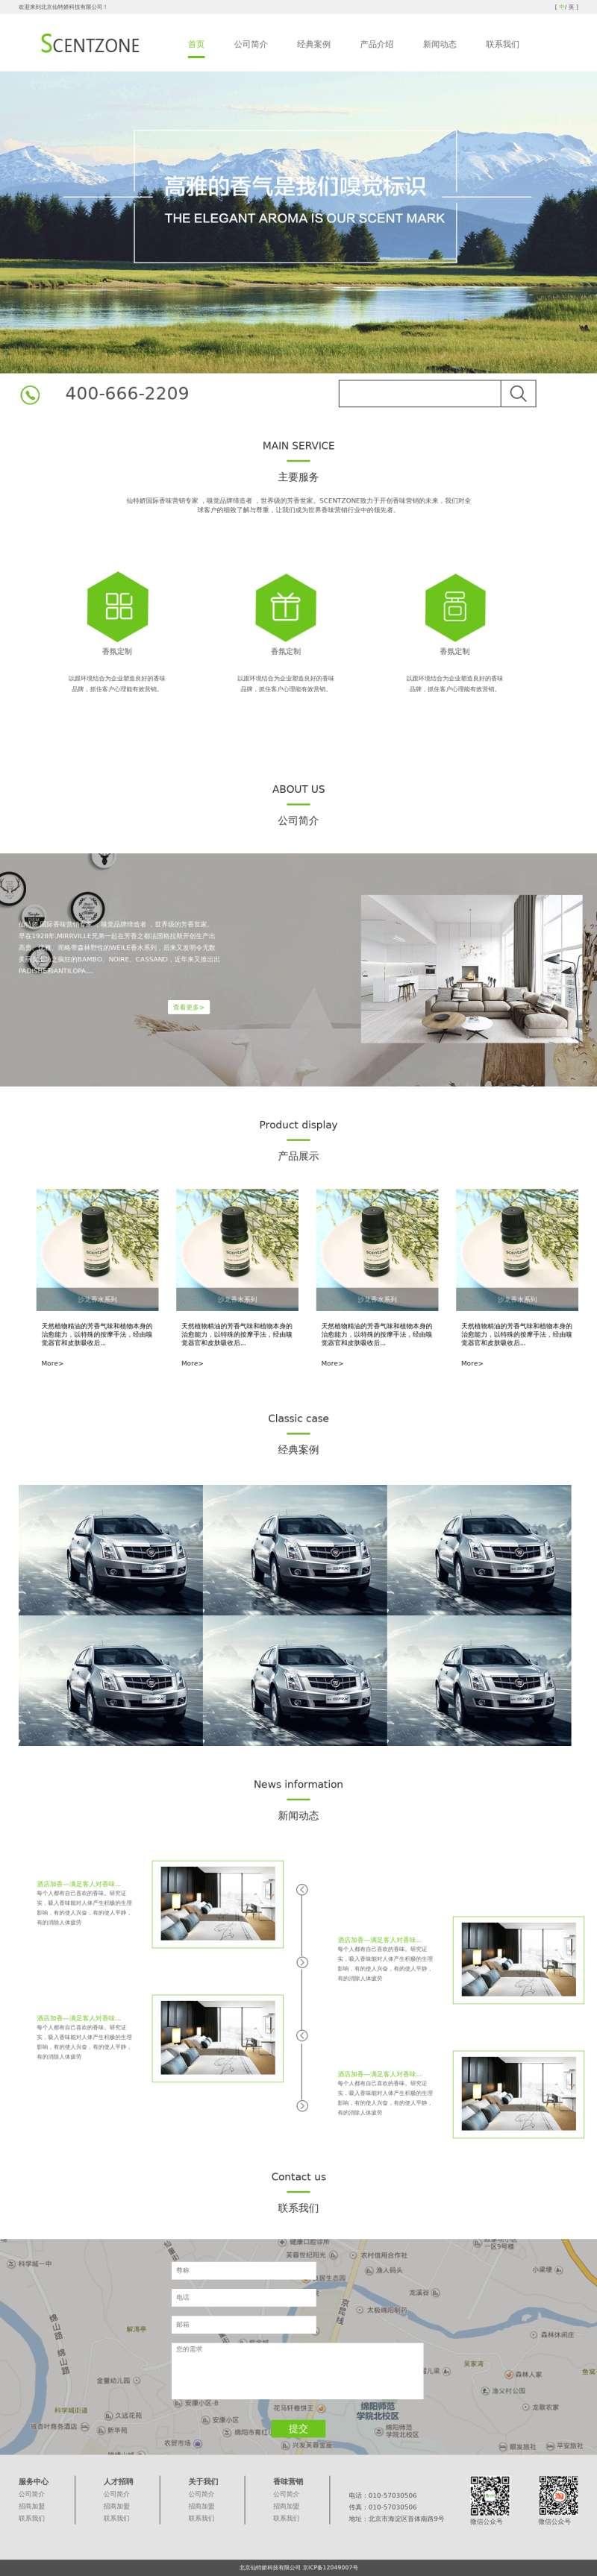 绿色的汽车香水公司网站模板html源码